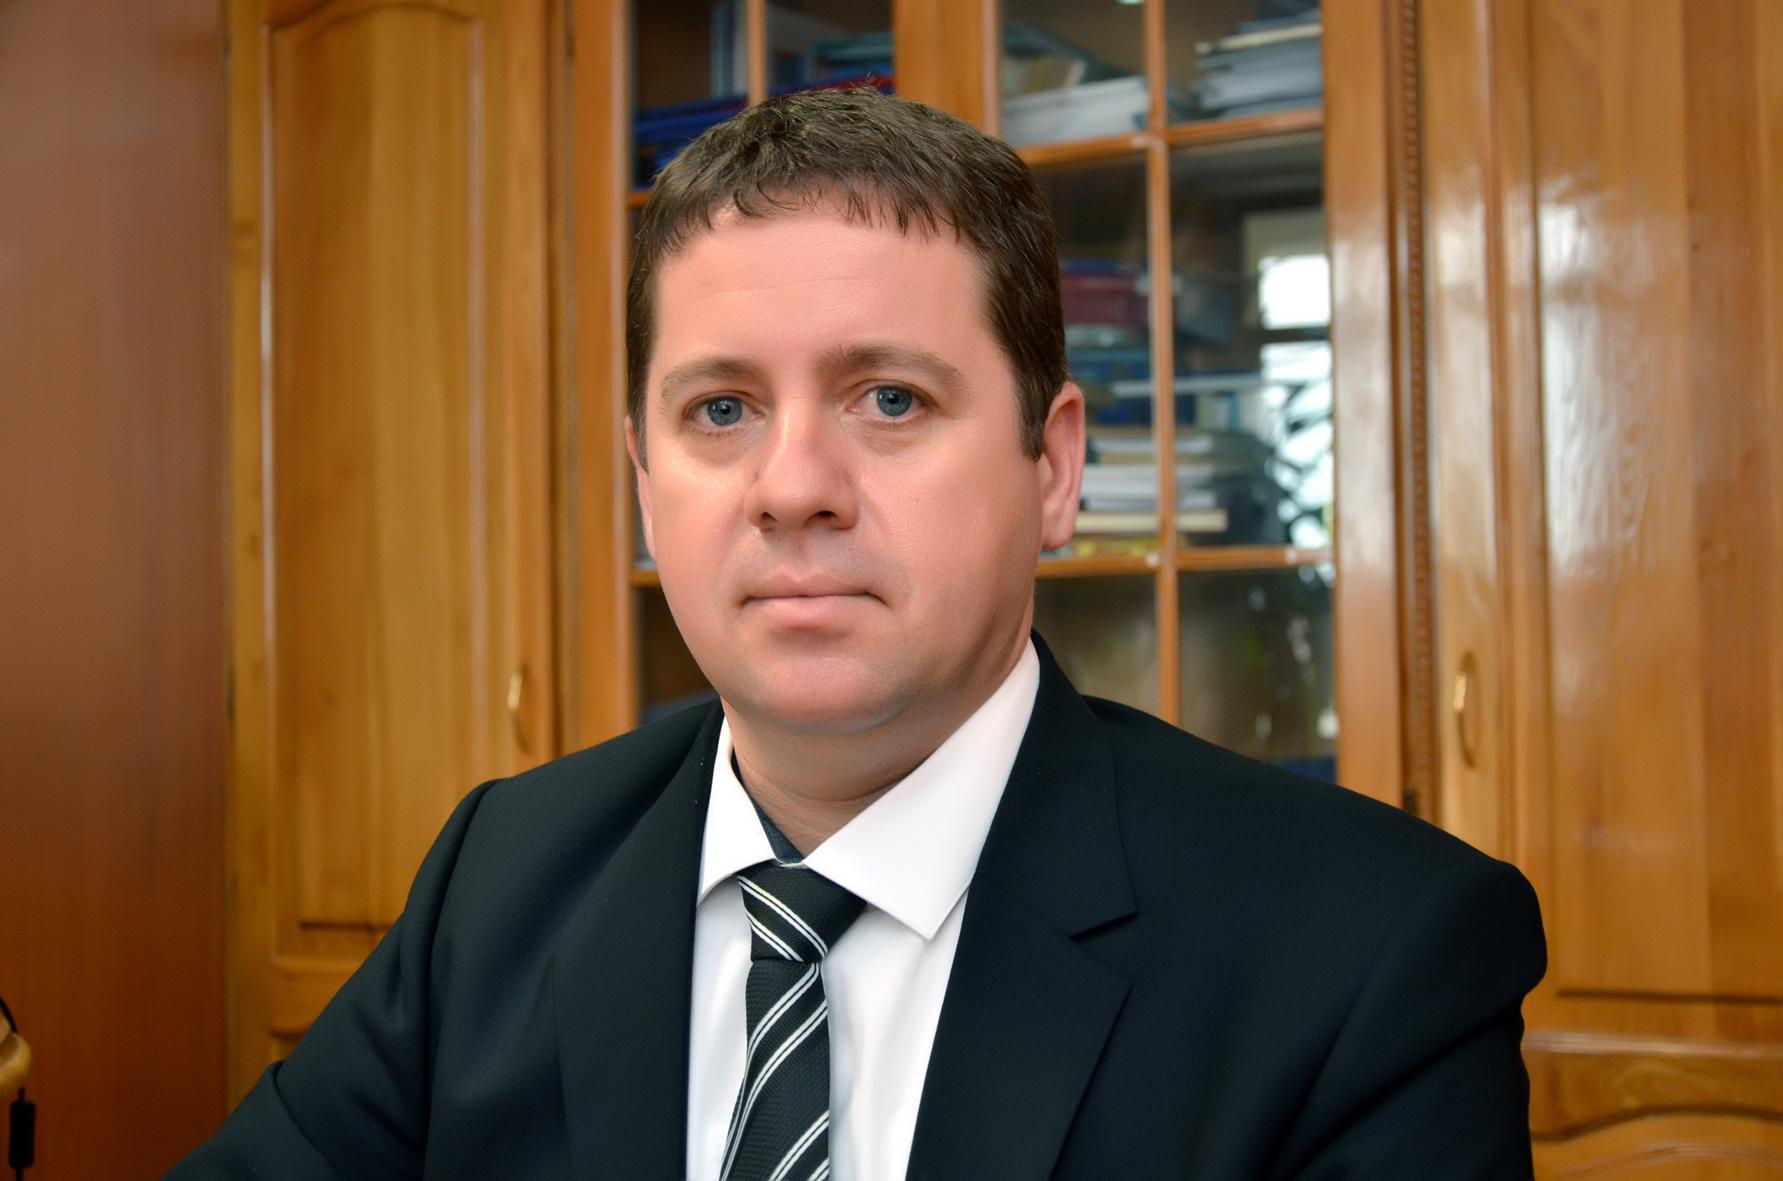 Dragoş-Constantin Popoiag